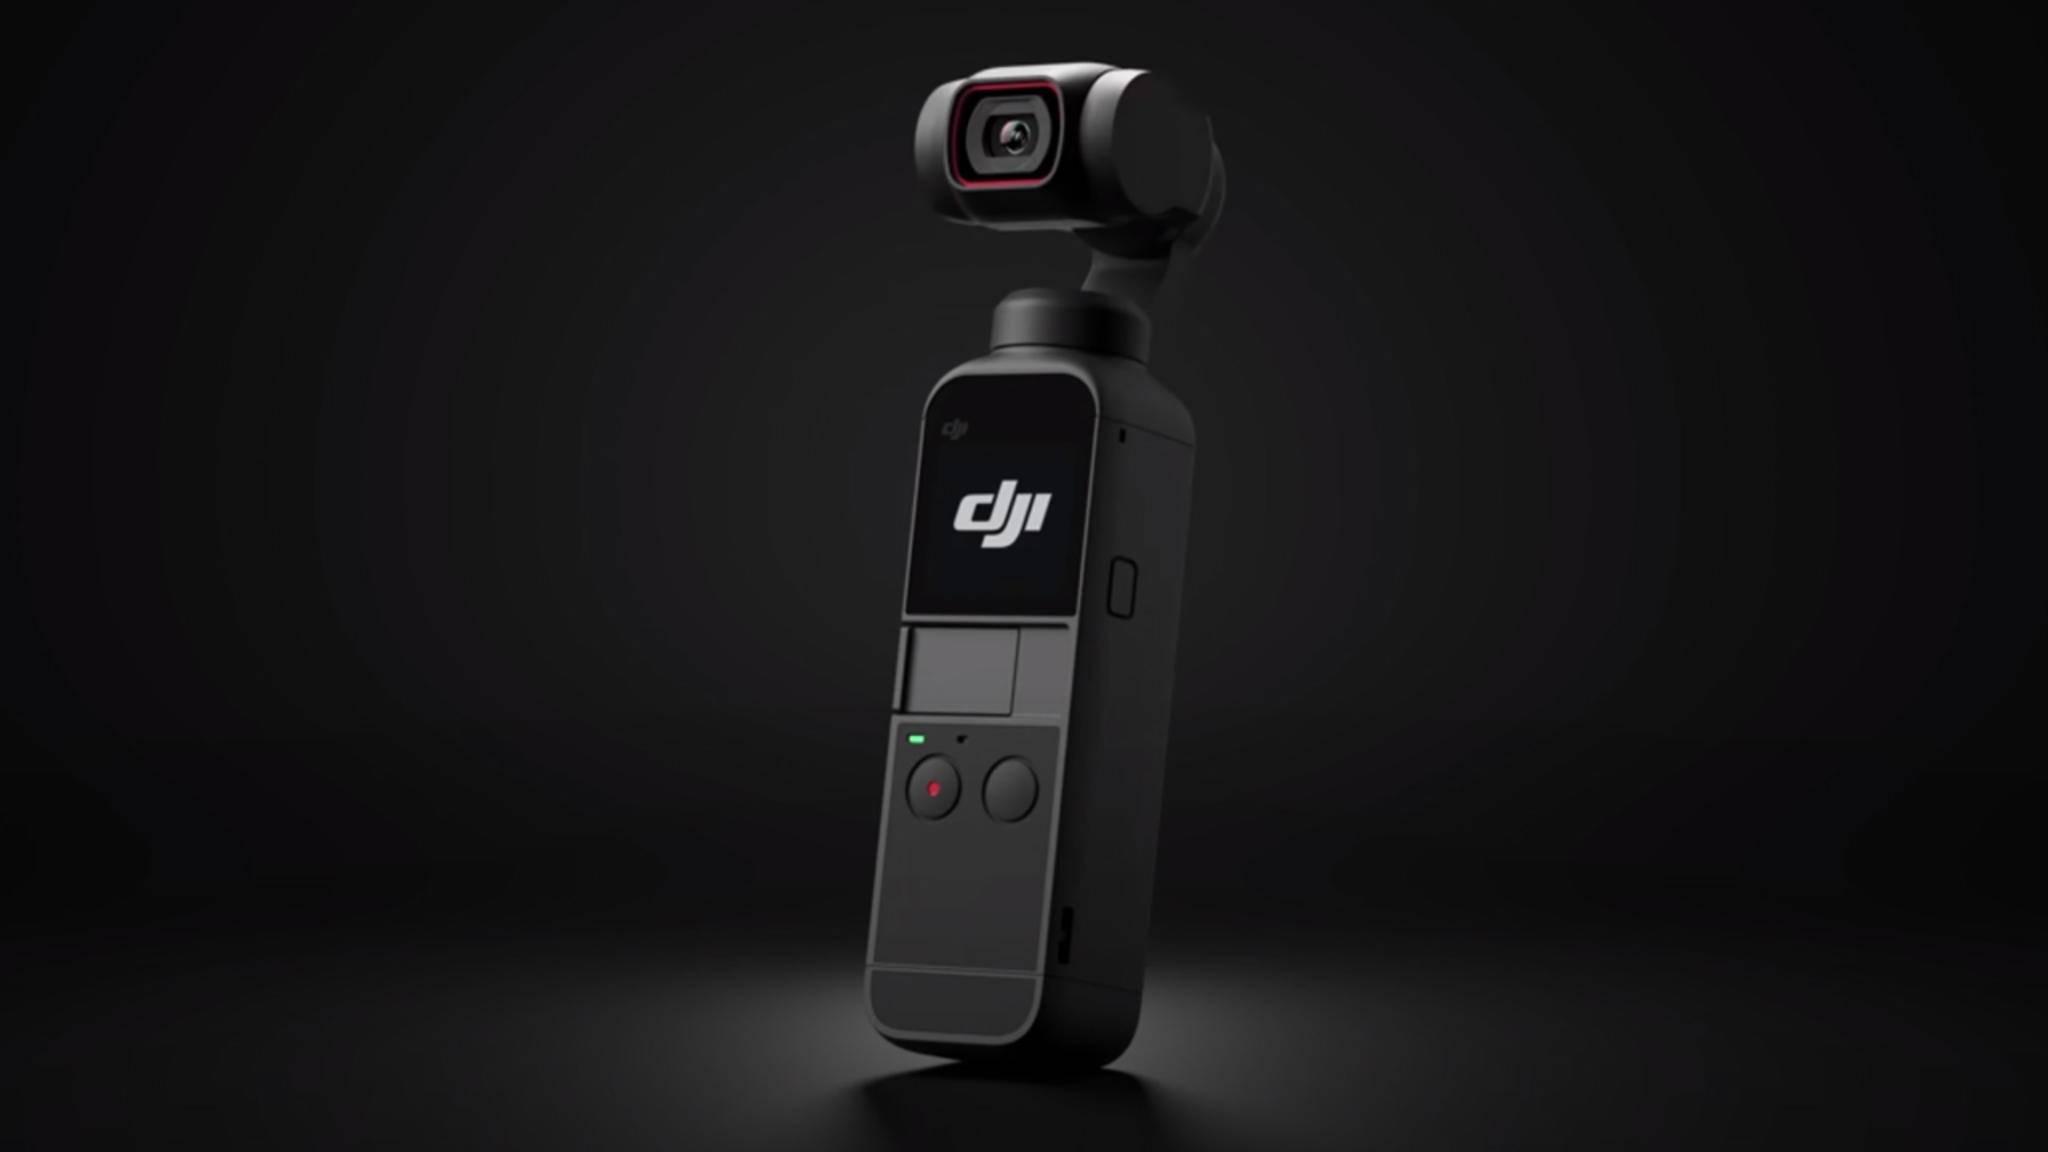 Superkompakte Kamera für butterweiche Aufnahmen ohne Verwacklungen: der DJI Pocket 2